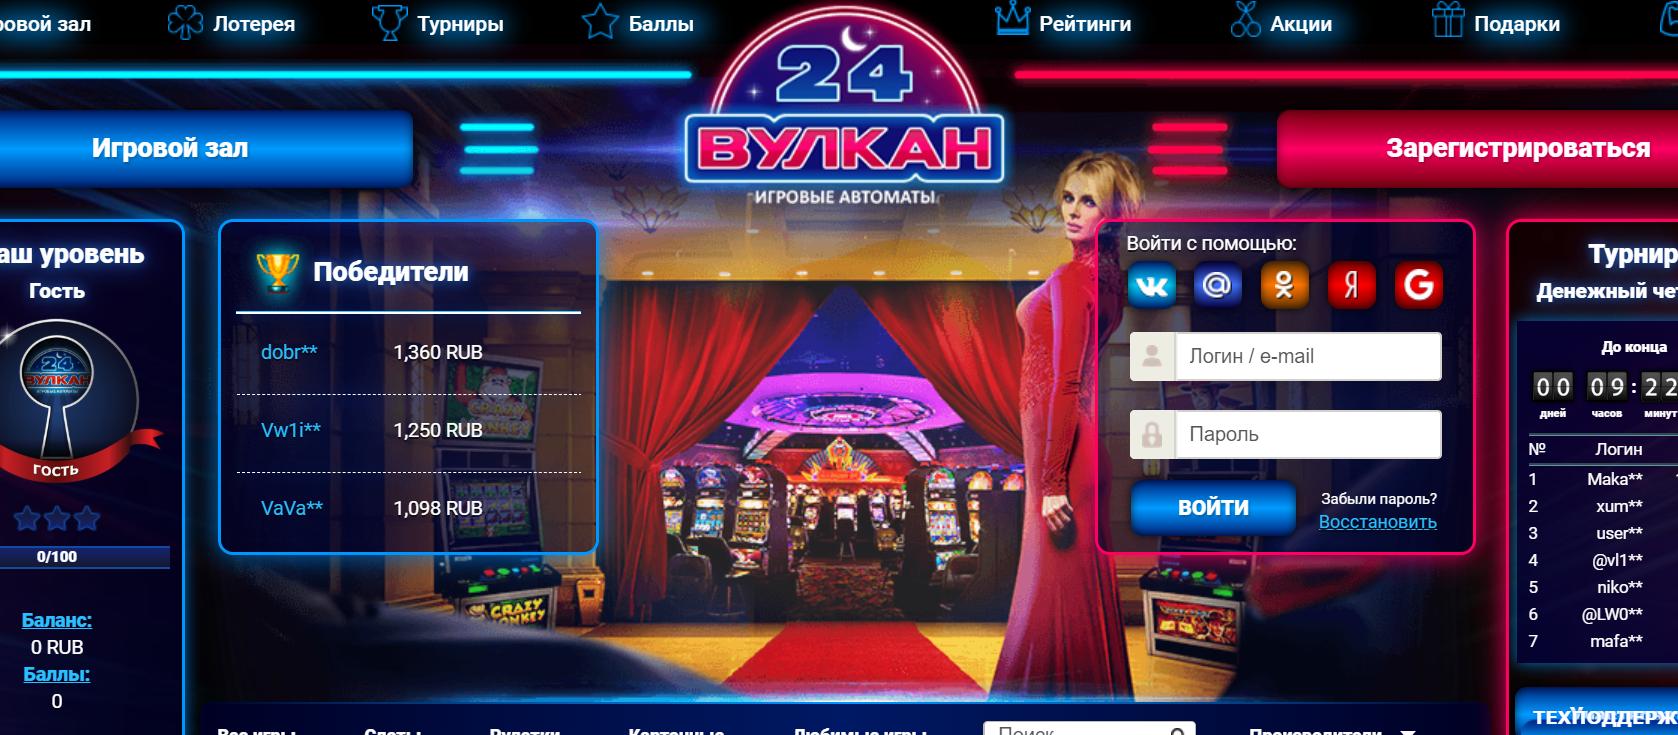 Азартные игры Вулкан 24, которые доступны каждому